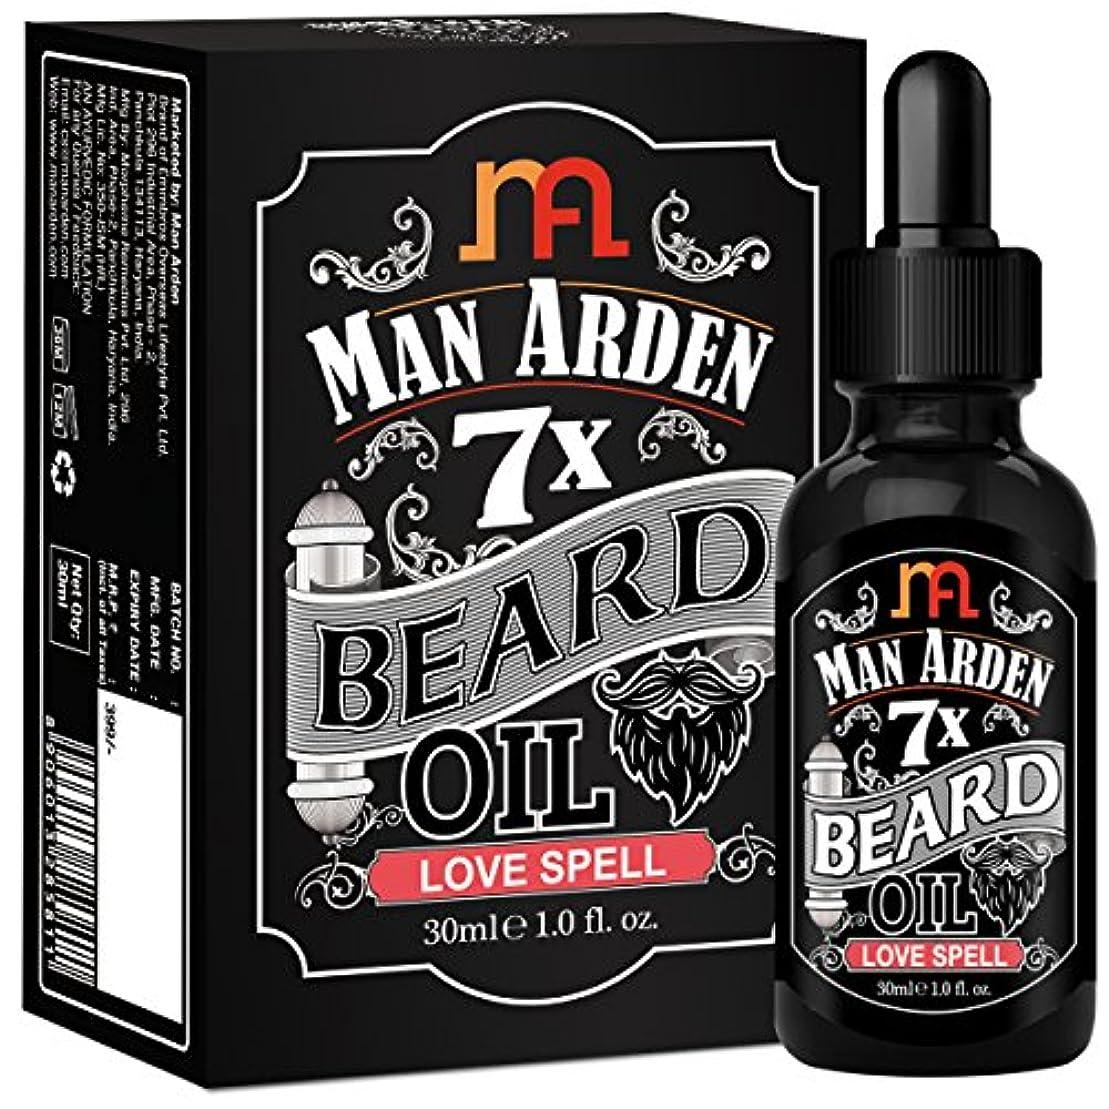 異邦人縮約メキシコMan Arden 7X Beard Oil 30ml (Love Spell) - 7 Premium Oils Blend For Beard Growth & Nourishment